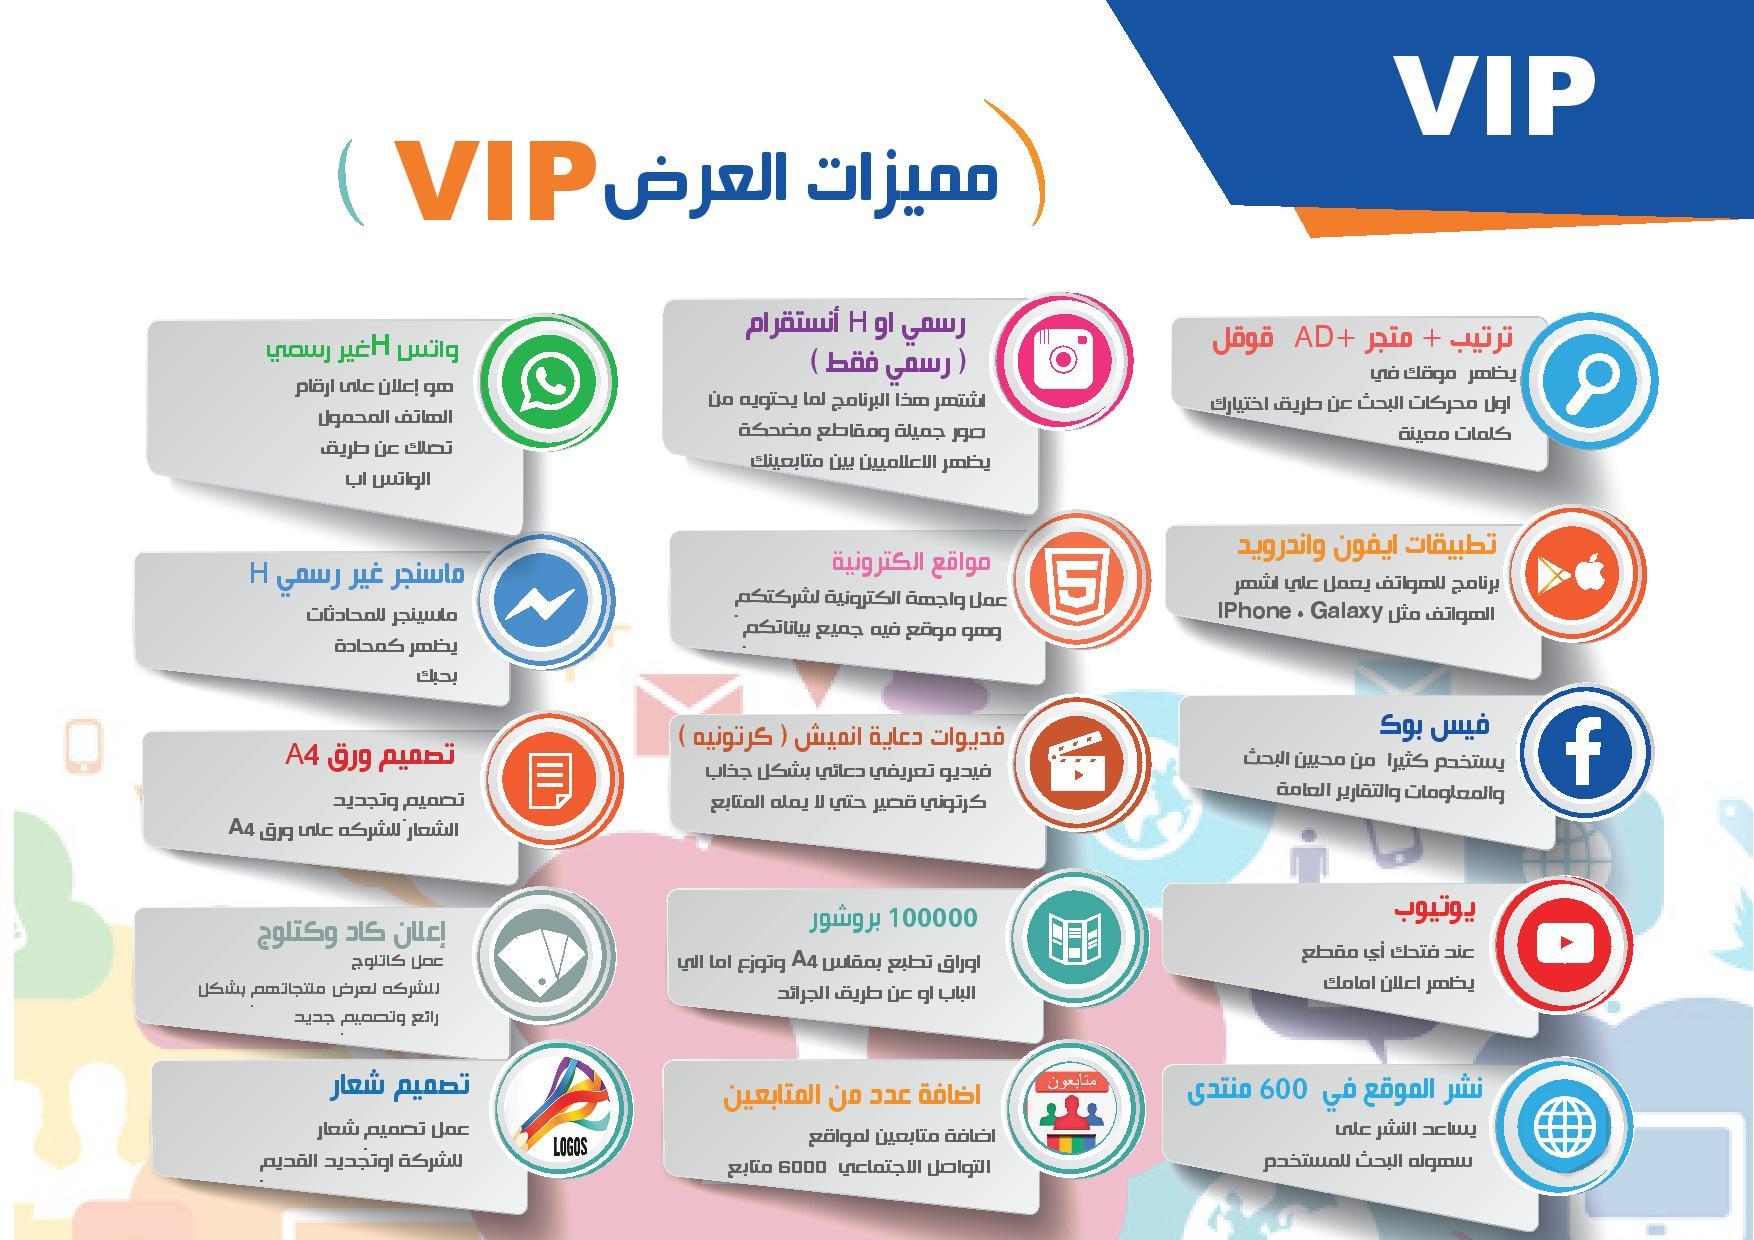 الباقي VIP - التسويق الالكتروني في الكويت ودول الخليج